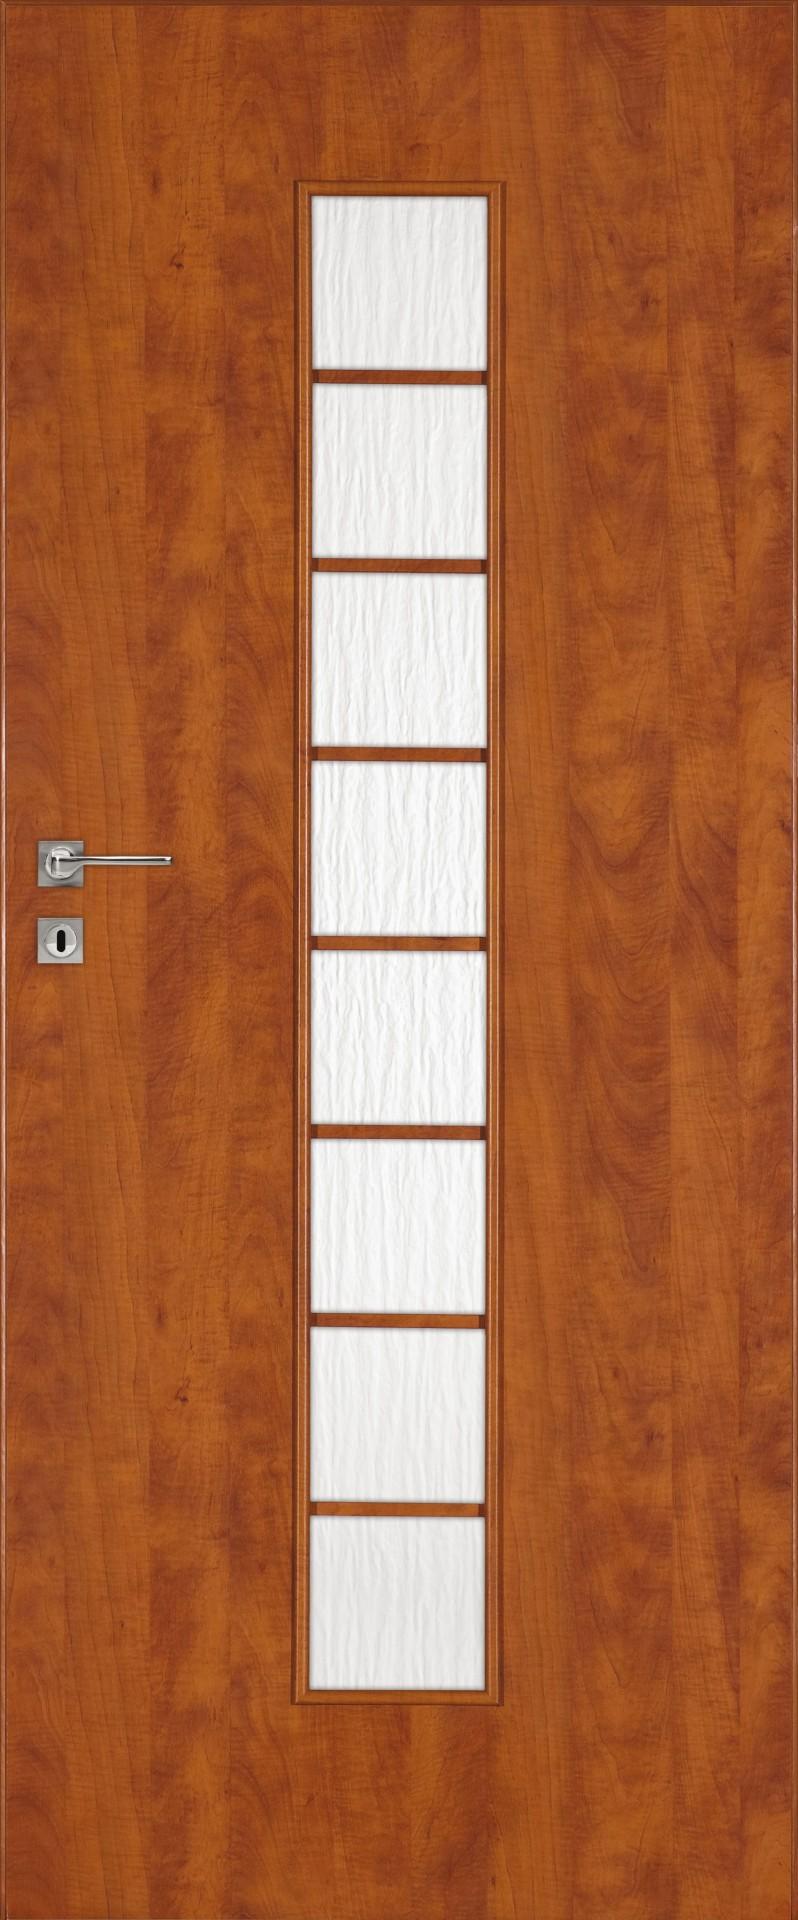 Dre dveře Standard 40s, Šíře v cm 90